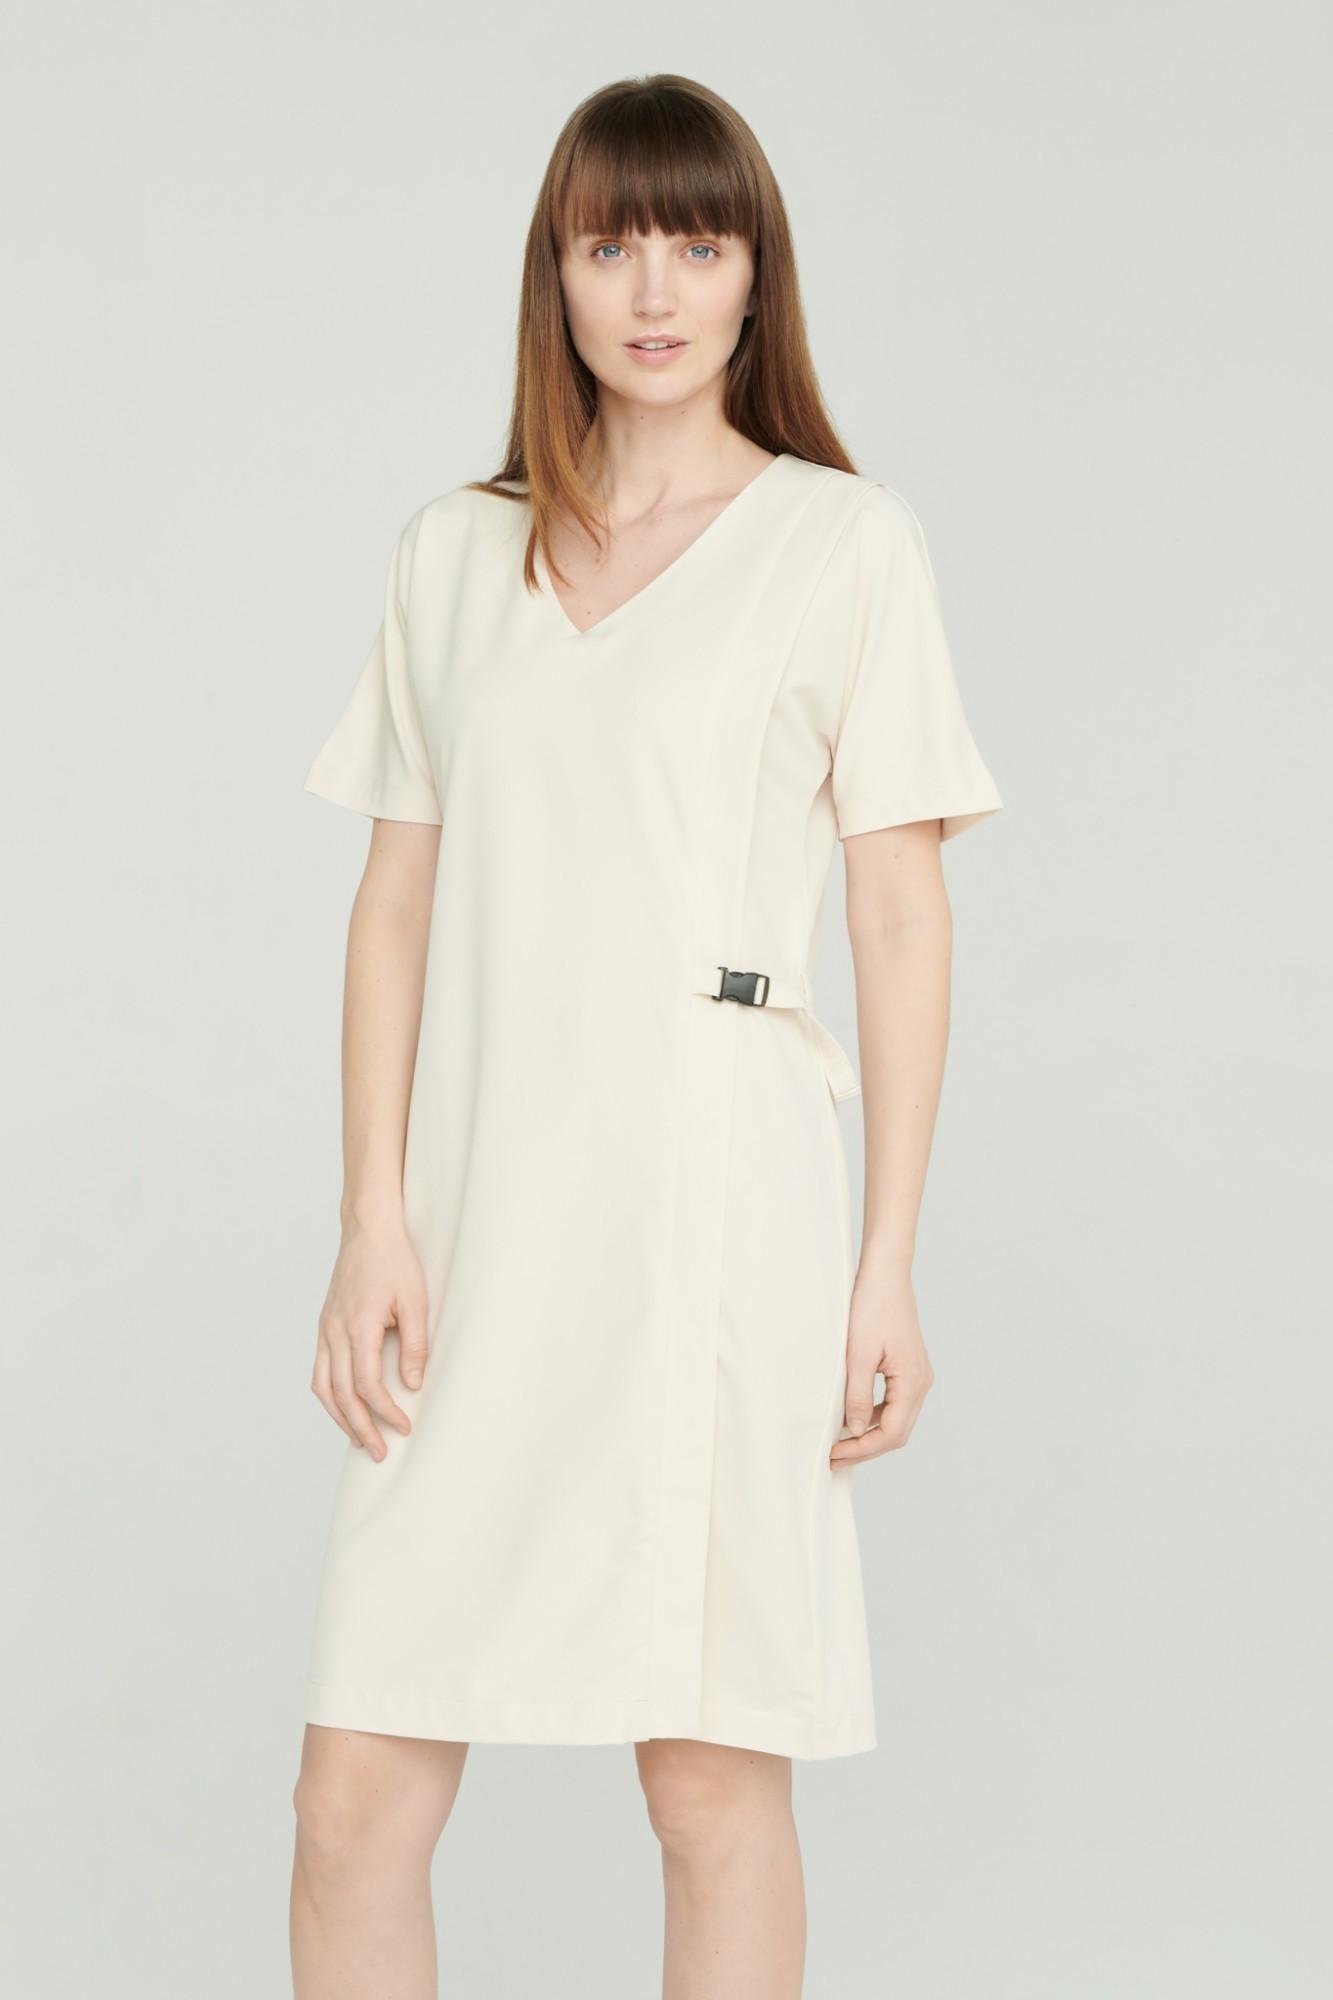 AUDIMAS Lengva tampraus audinio suknelė 2111-240 White Swan XS